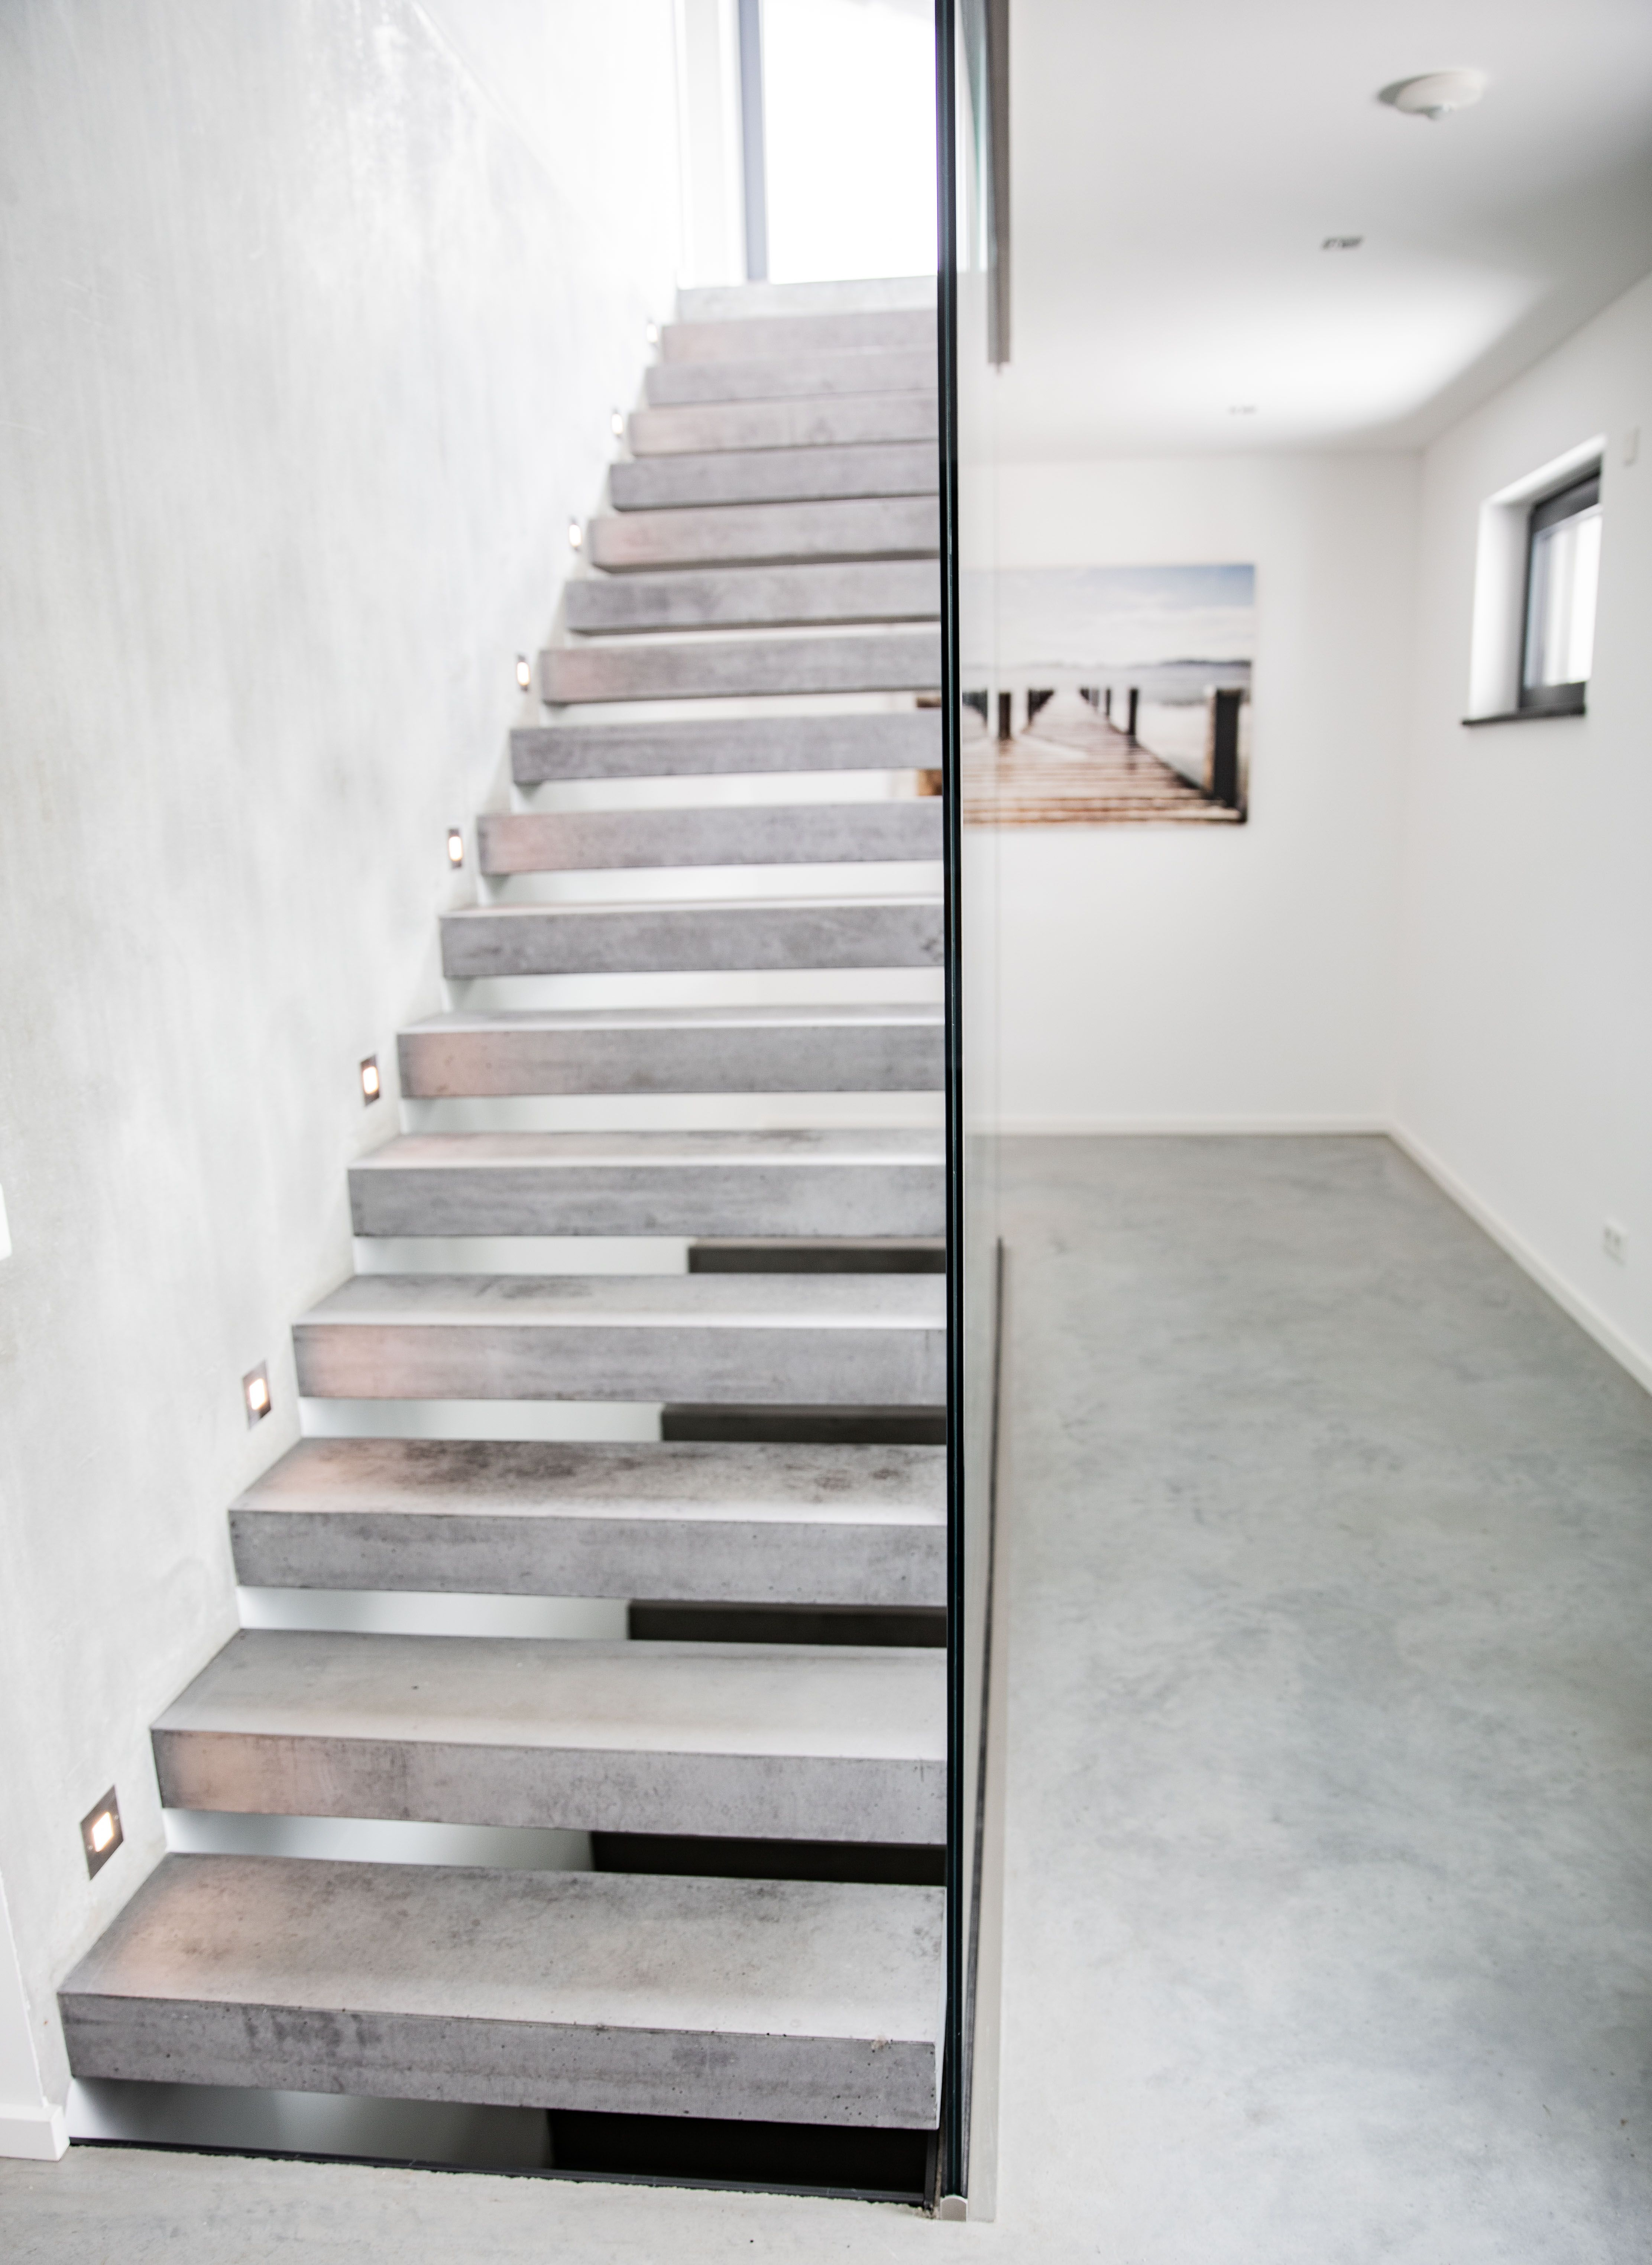 Wunderbar Wie Ein Framing Platz Für Treppen Benutzen Zeitgenössisch ...